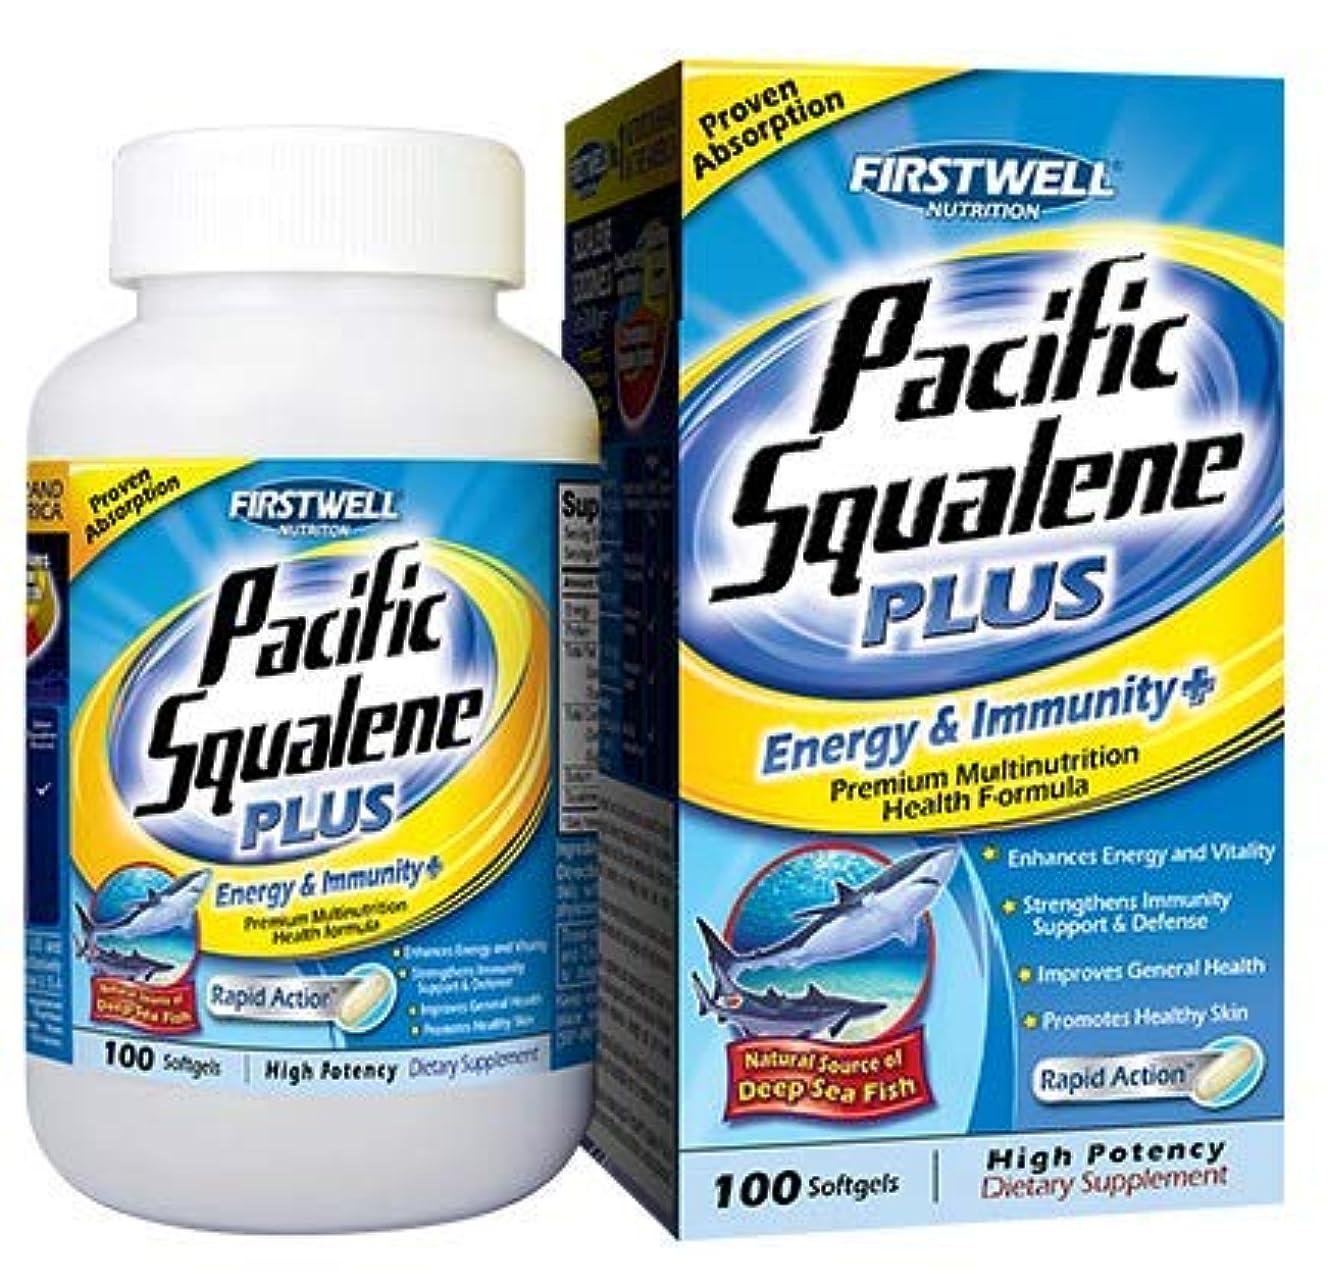 武装解除荒野驚いたことにFIRSTWELL Pacific Squalene 100'S 太平洋スクアレン